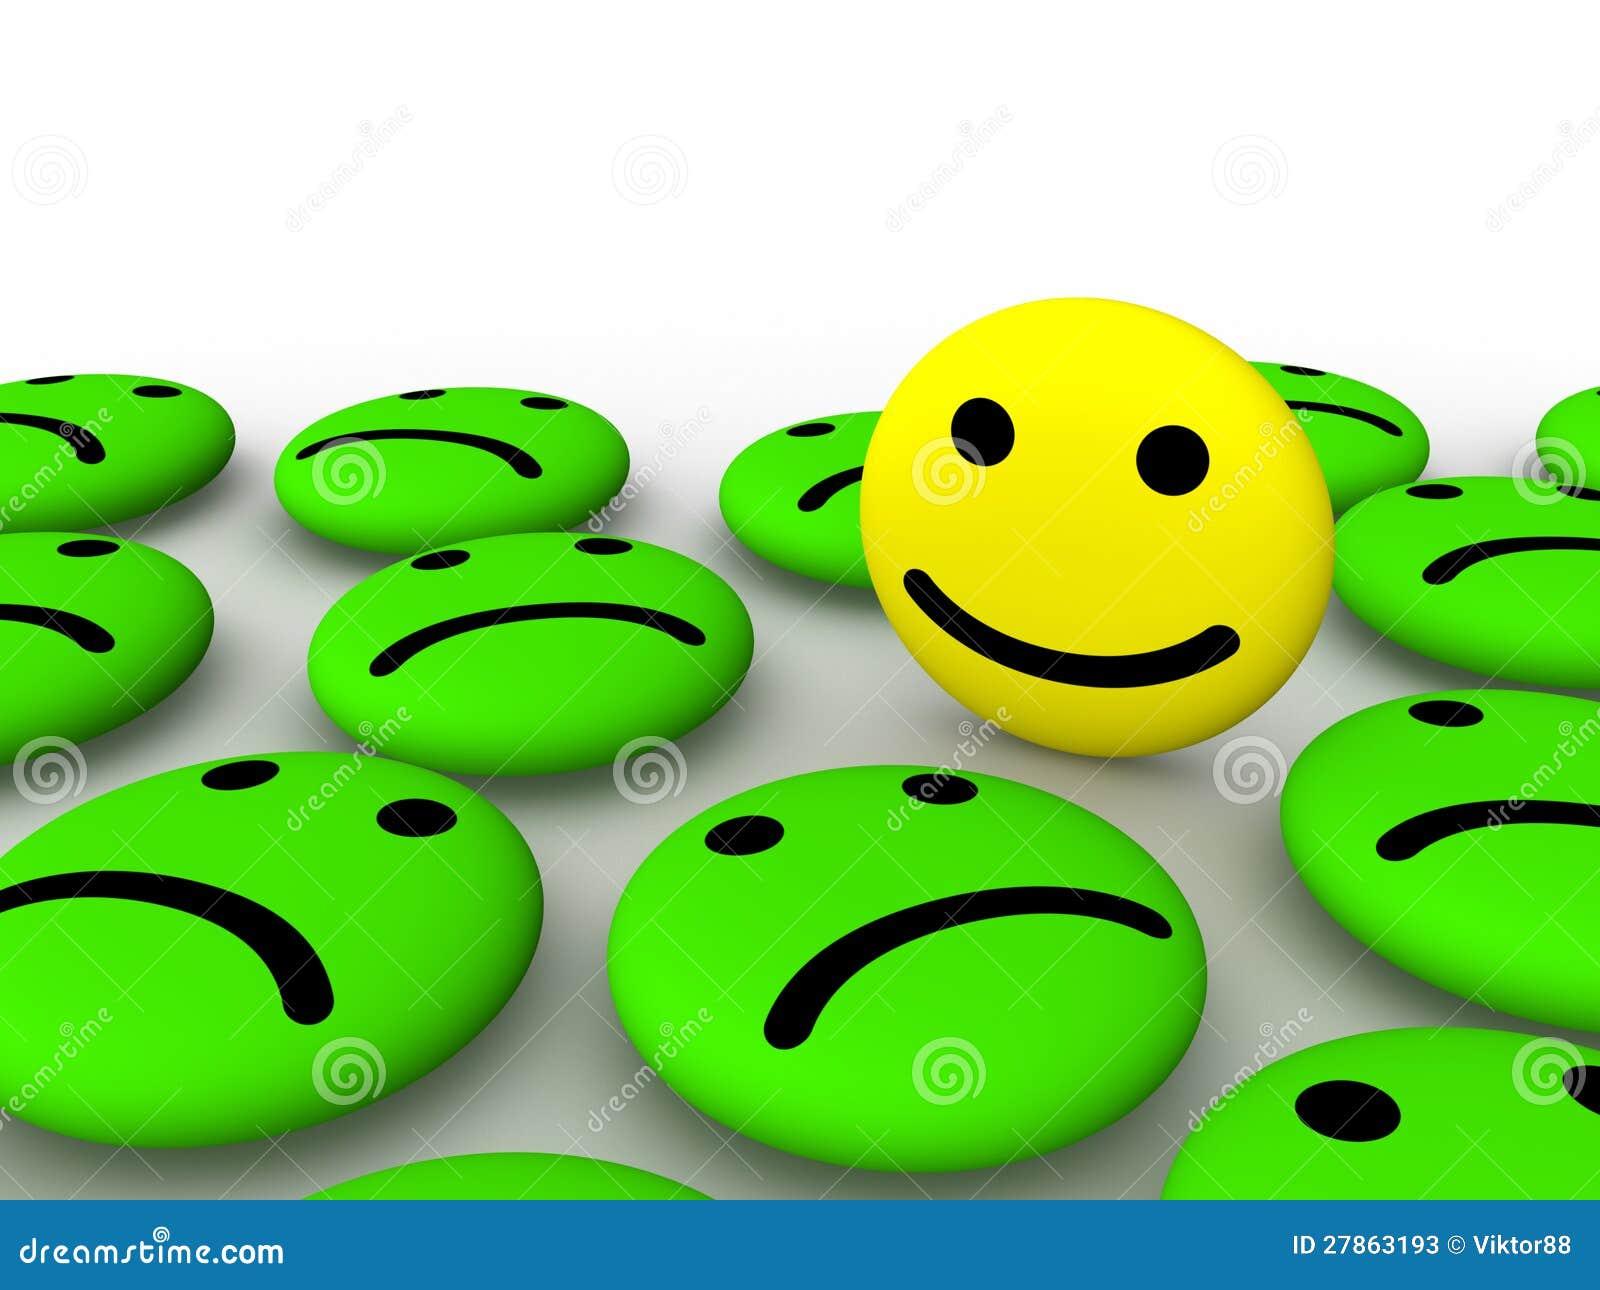 Szczęśliwa smiley twarz wśród smutnych smileys